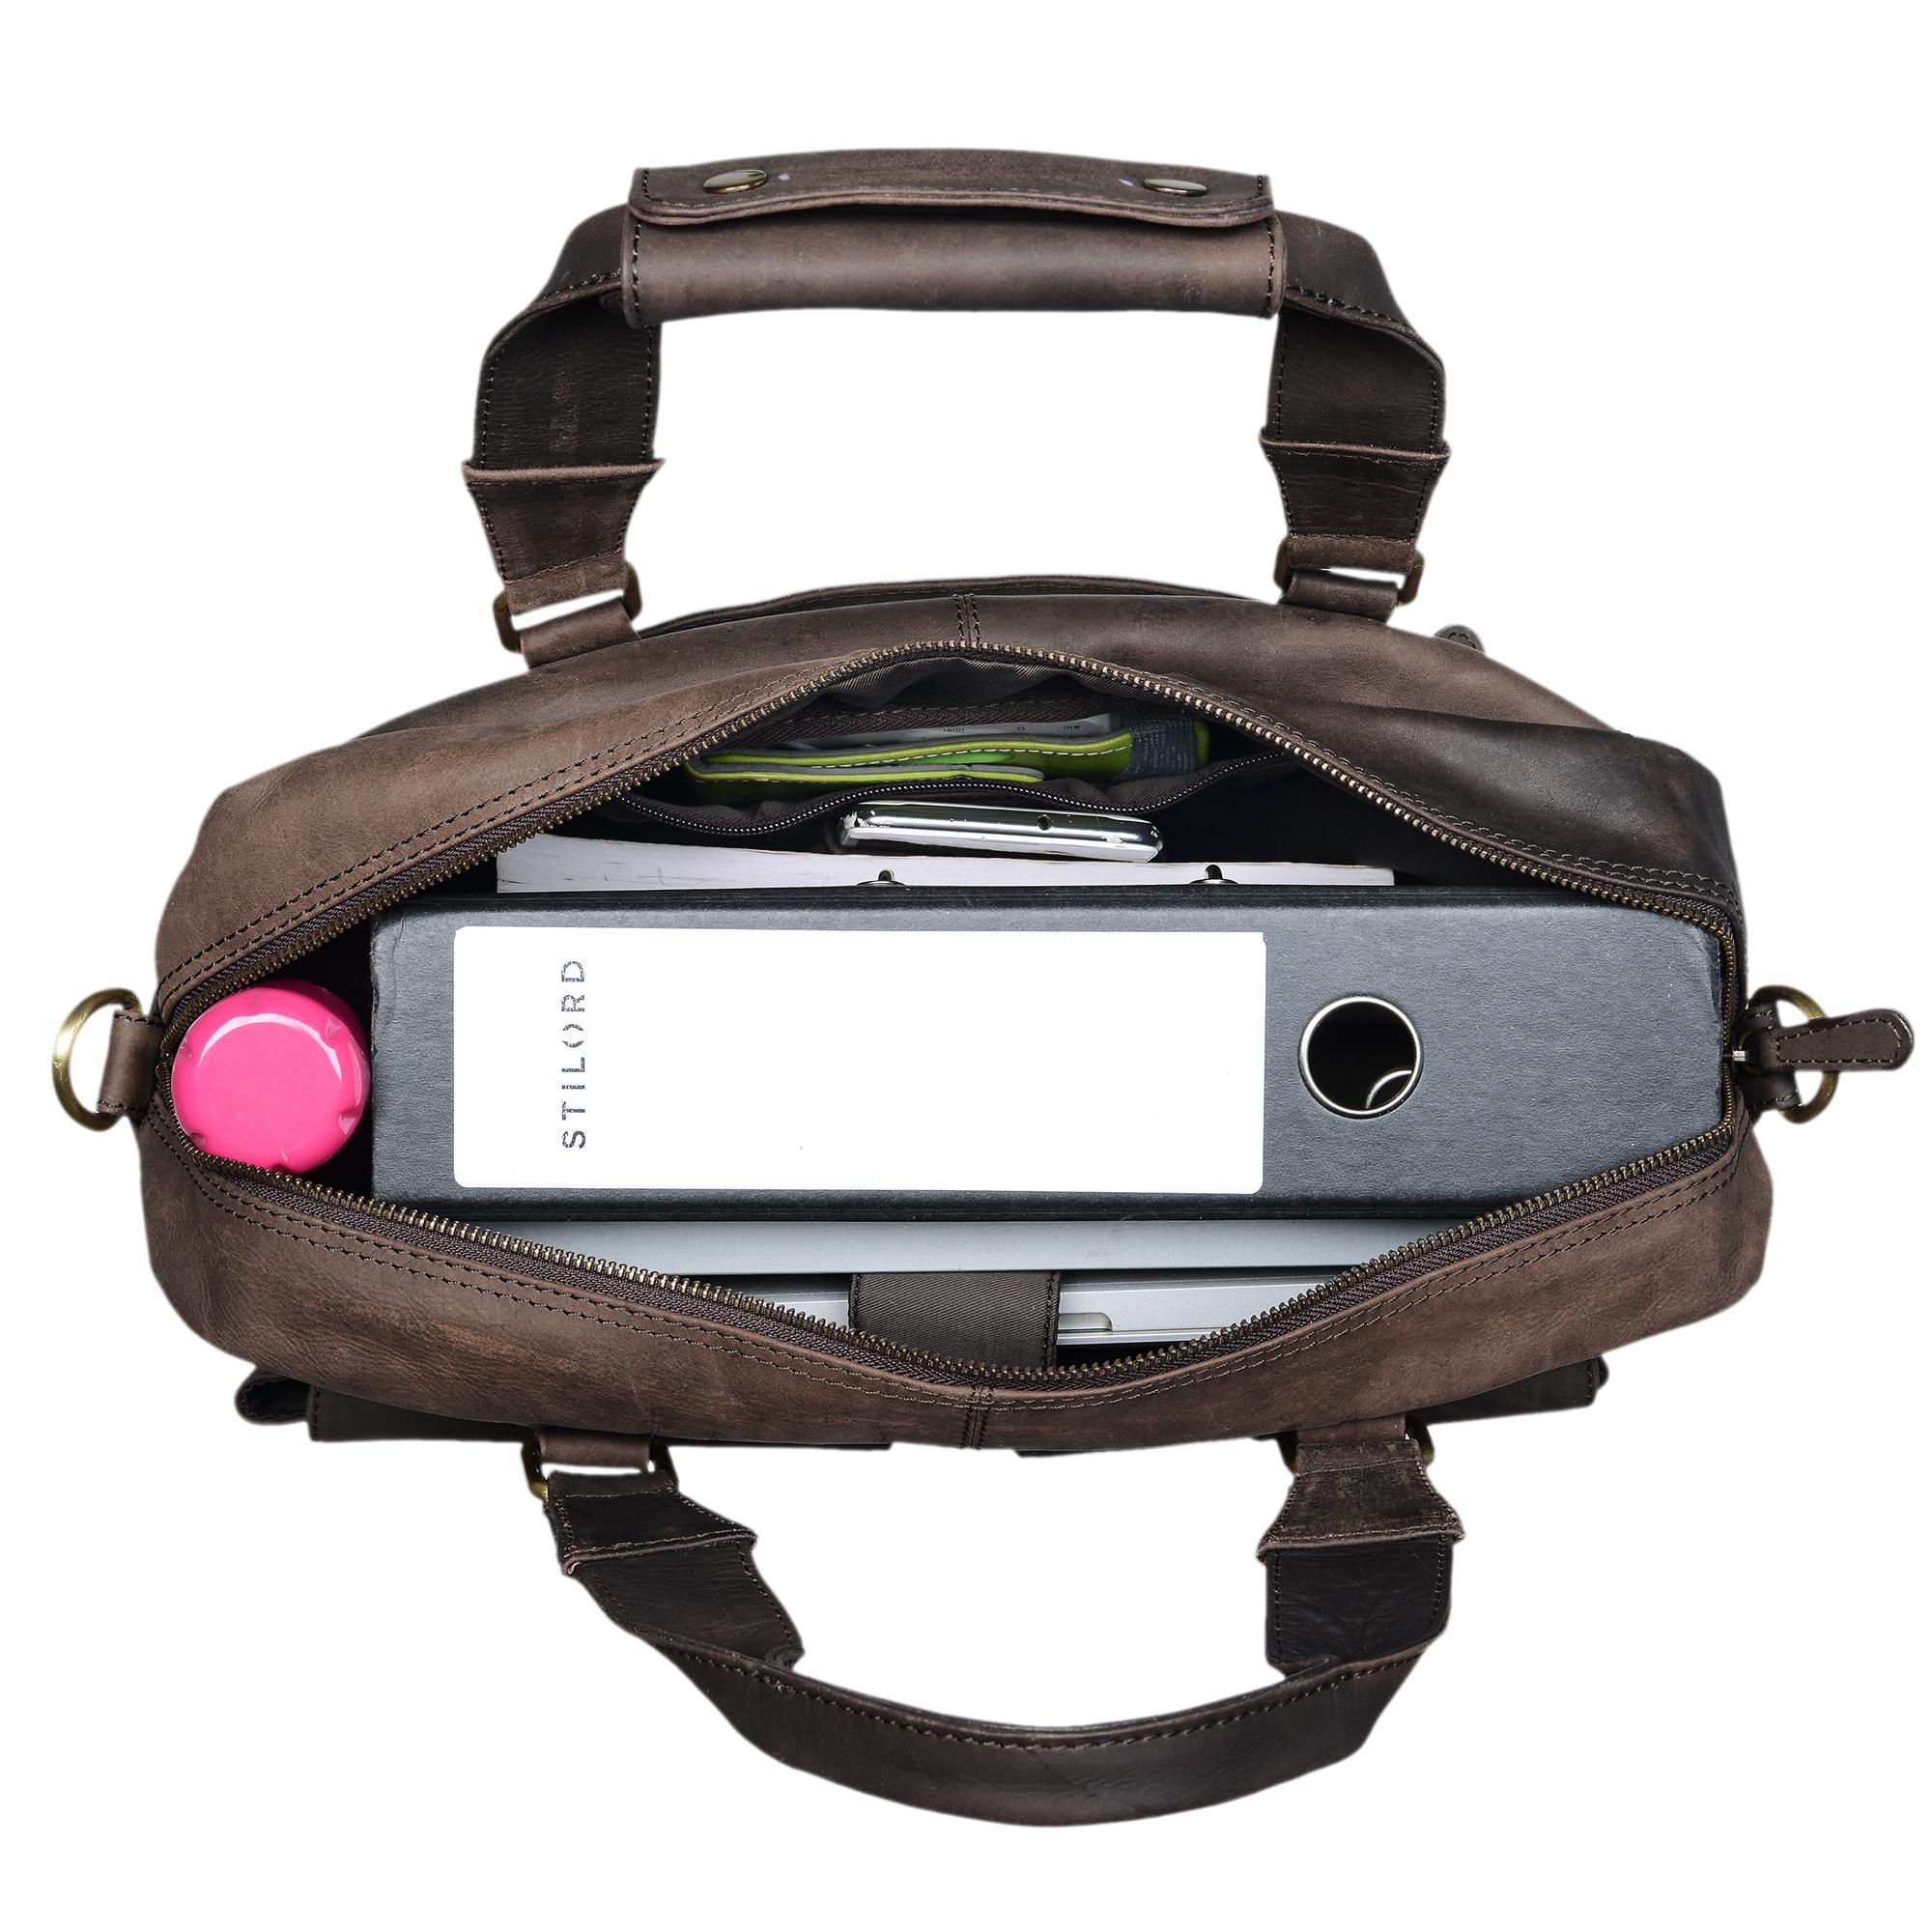 """STILORD """"Vitus"""" Ledertasche Männer Frauen braun tragbar als Vintage Umhängetasche große Handtasche mit 15.6 Zoll Laptopfach ideal als College Bag Bürotasche Aktentasche - Bild 19"""